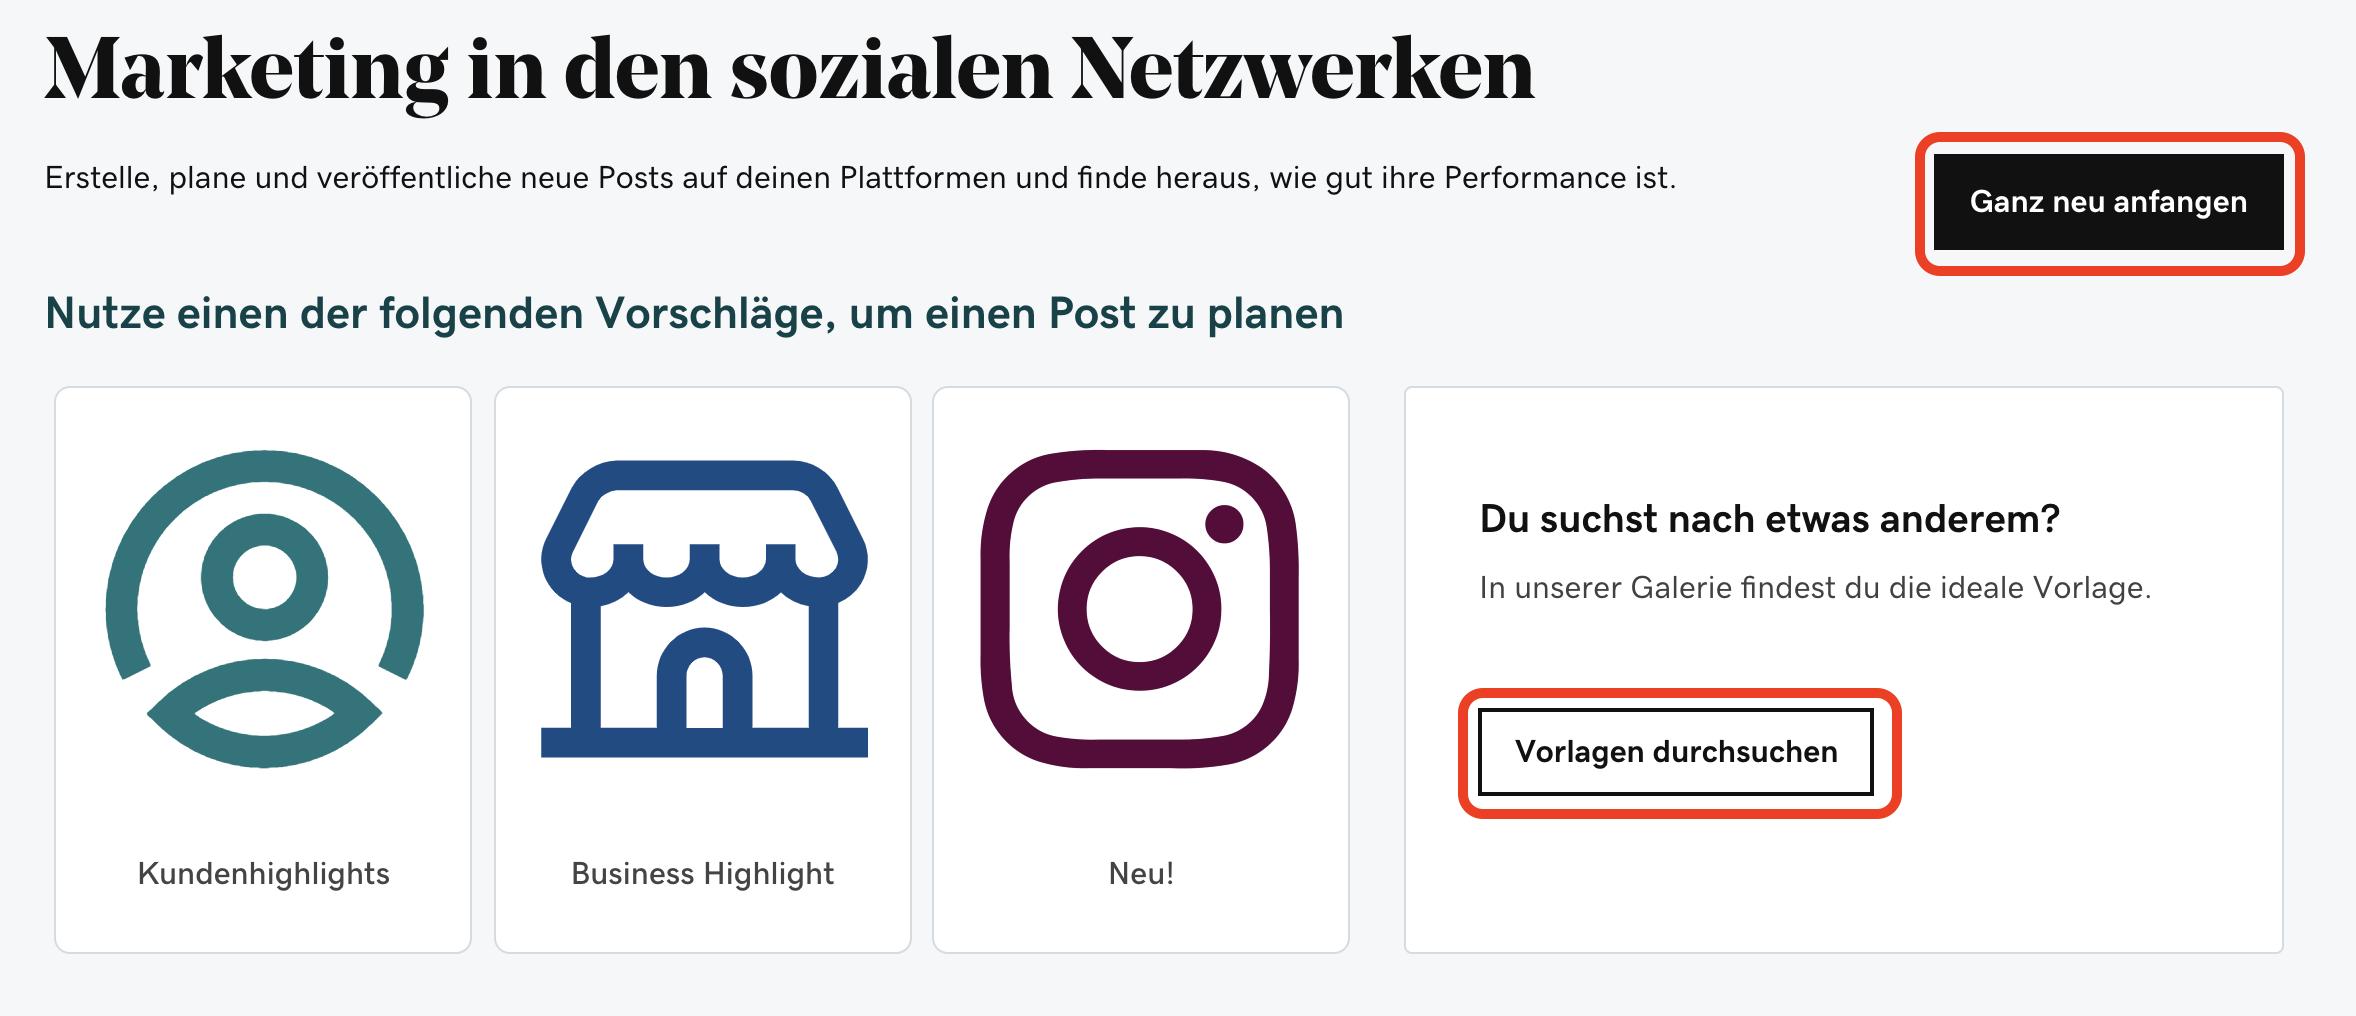 Websites Marketing_Beiträge direkt auf Instagram planen & veröffentlichen_Beitrag erstellen